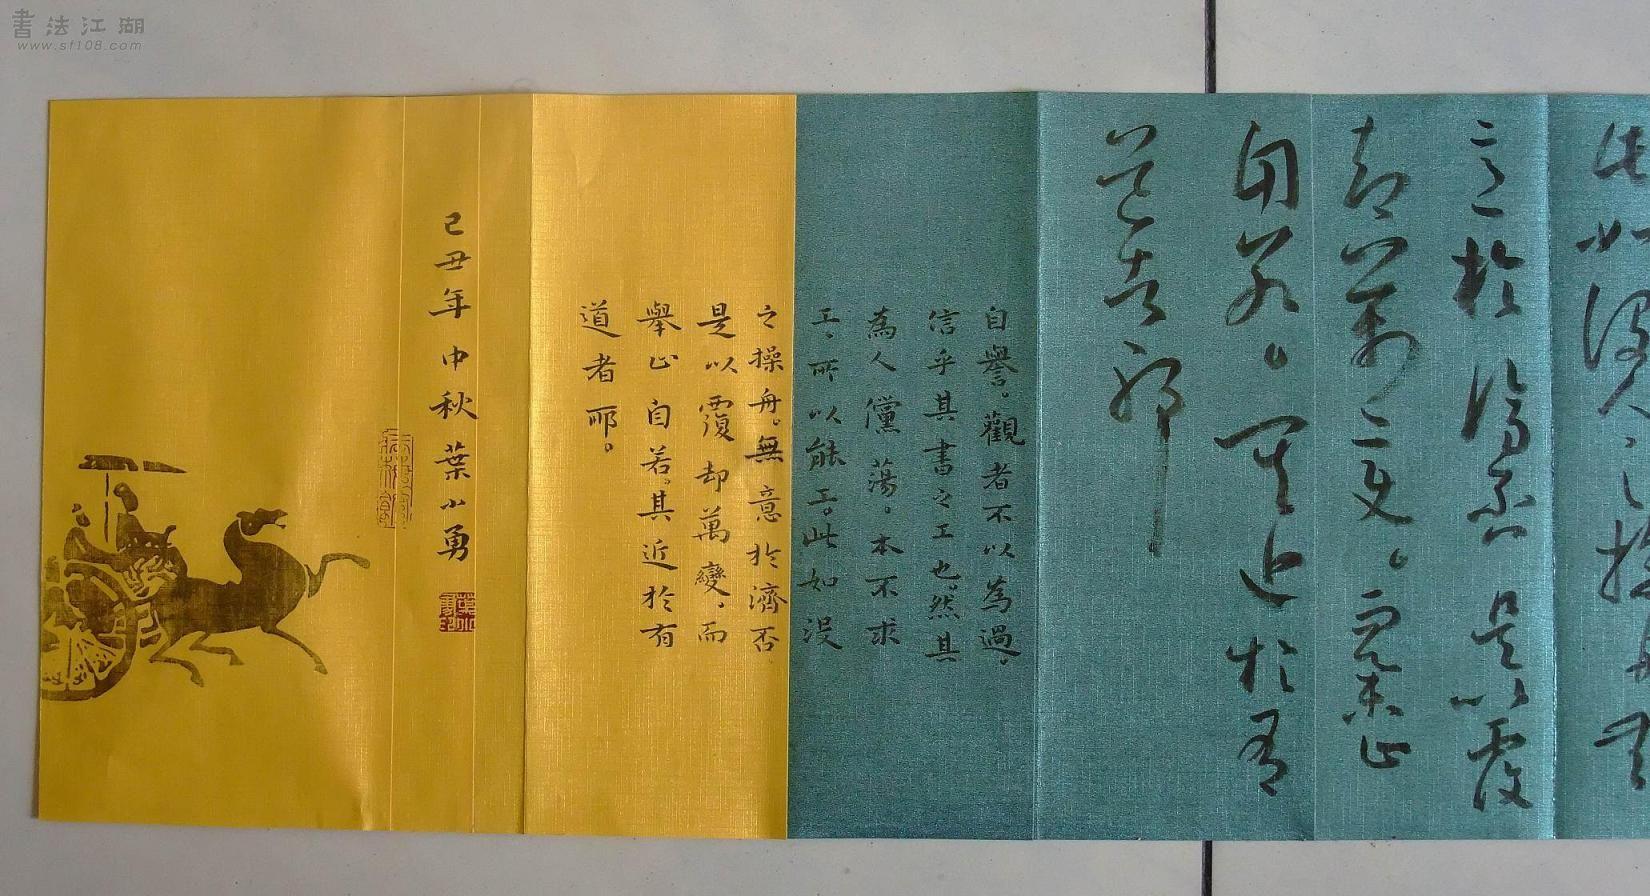 叶小勇书东坡跋文0910-09.jpg